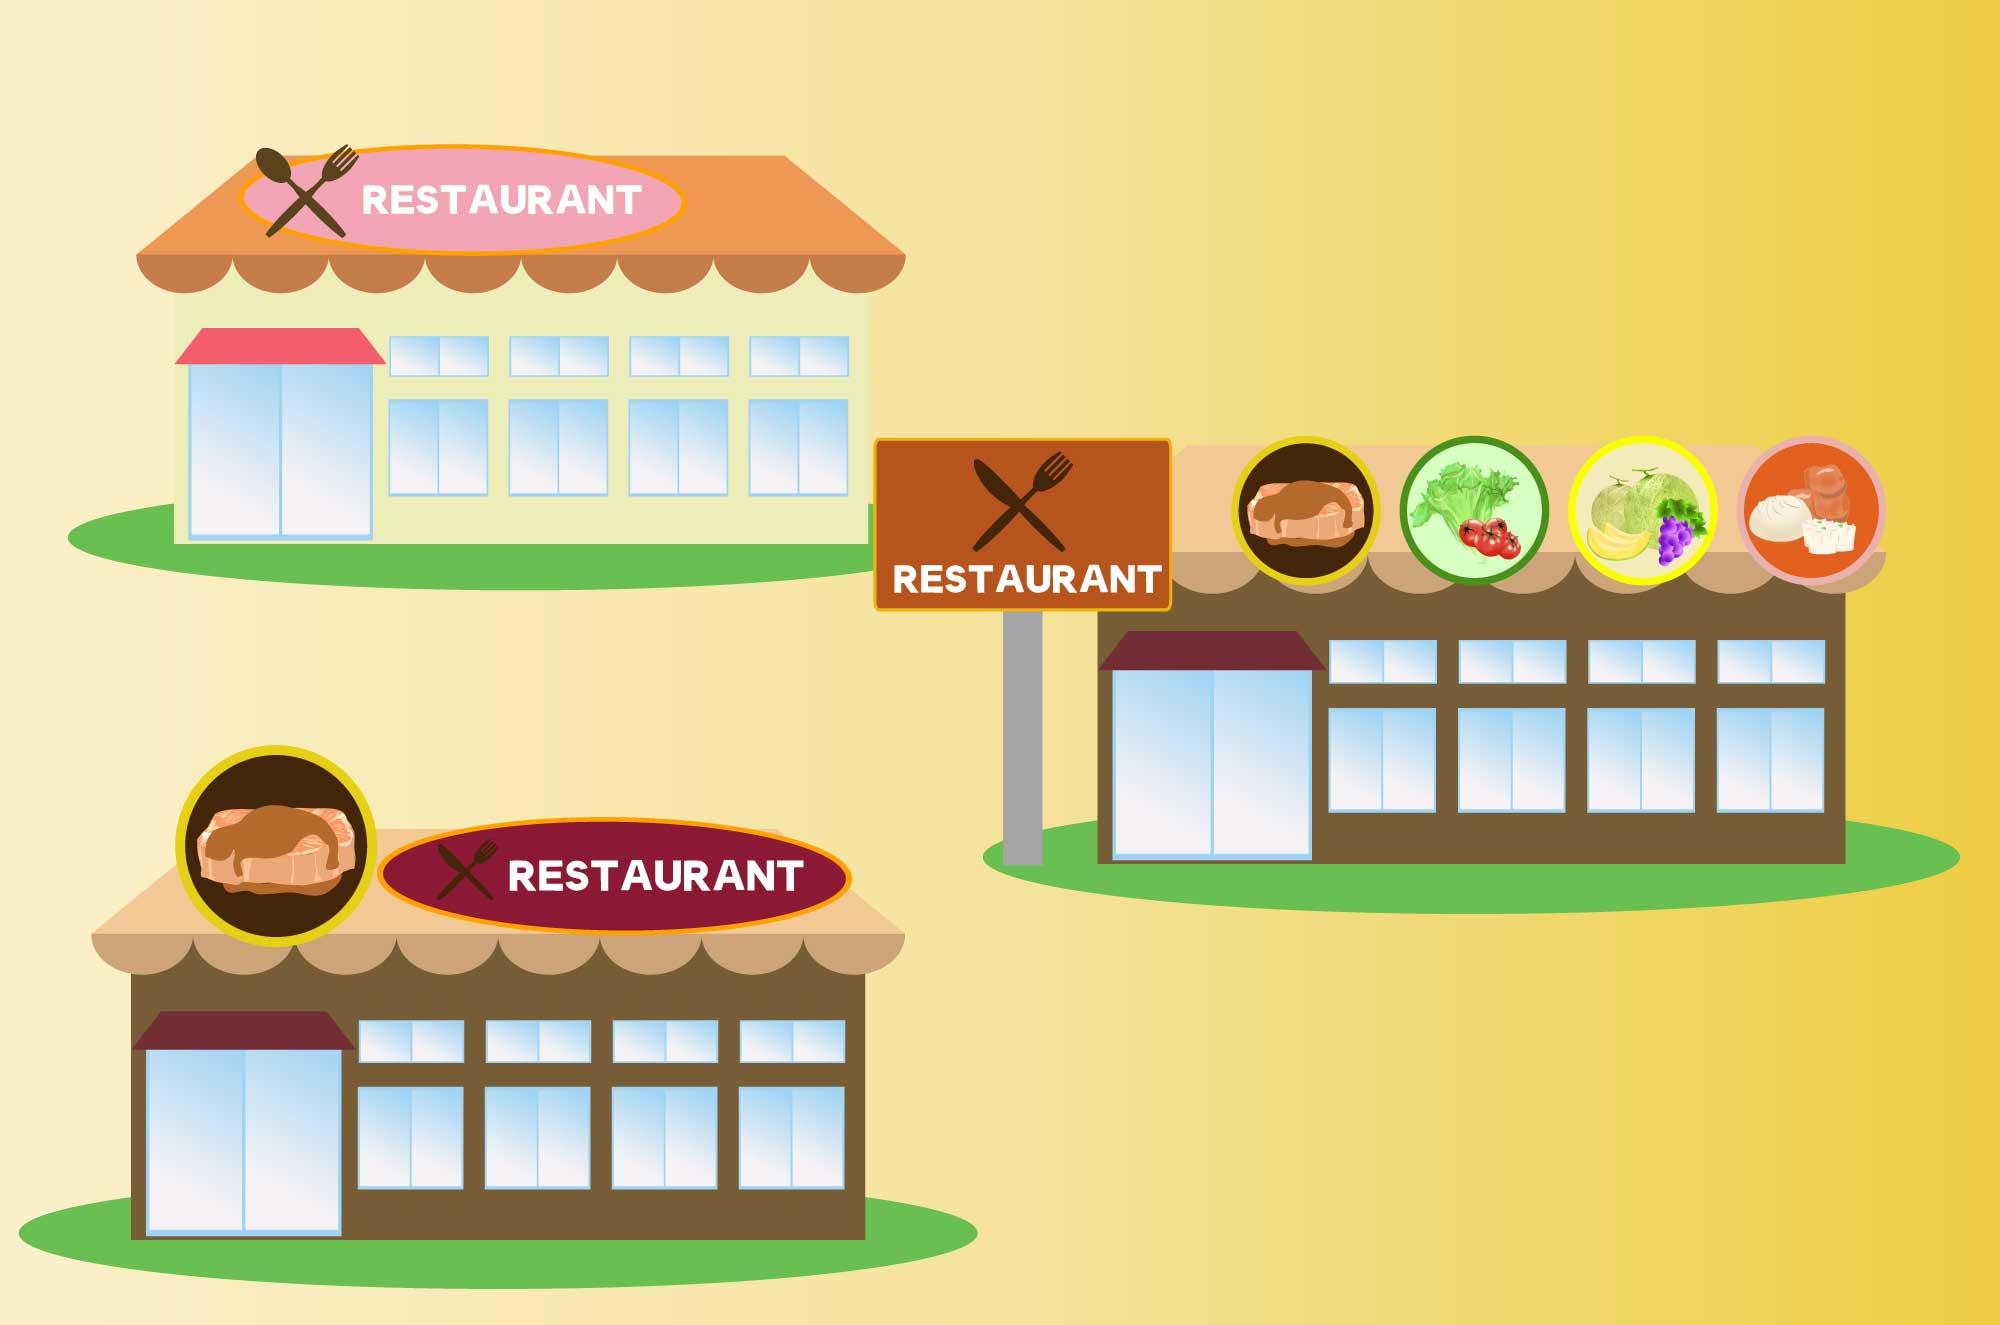 レストランの無料イラスト - 3種の飲食店の建物素材